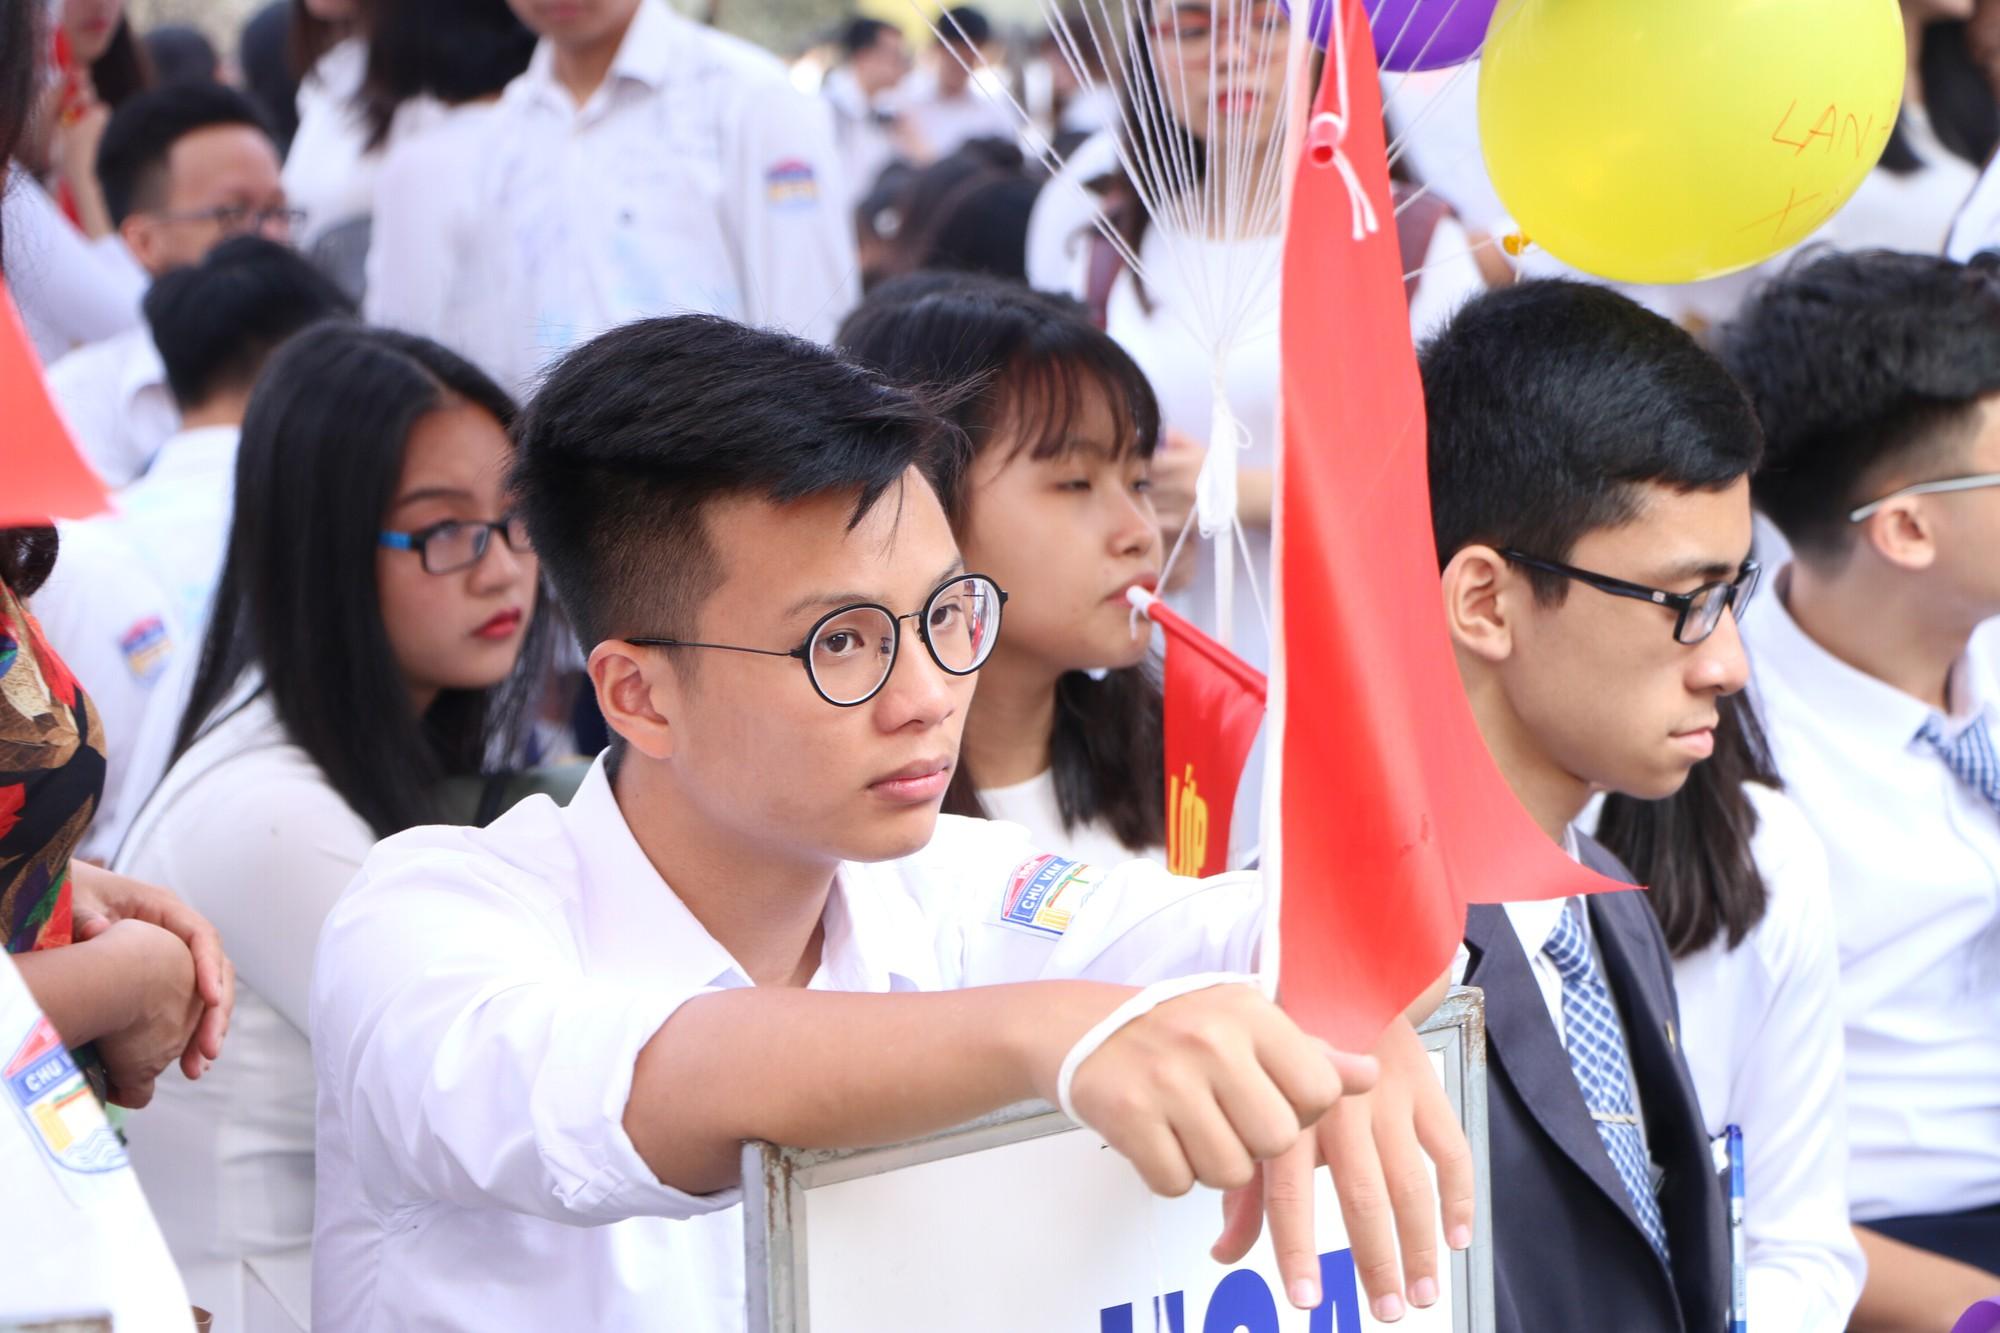 Ngắm nữ sinh Trường Chu Văn An duyên dáng, đẹp tinh khôi trong ngày bế giảng - Ảnh 9.